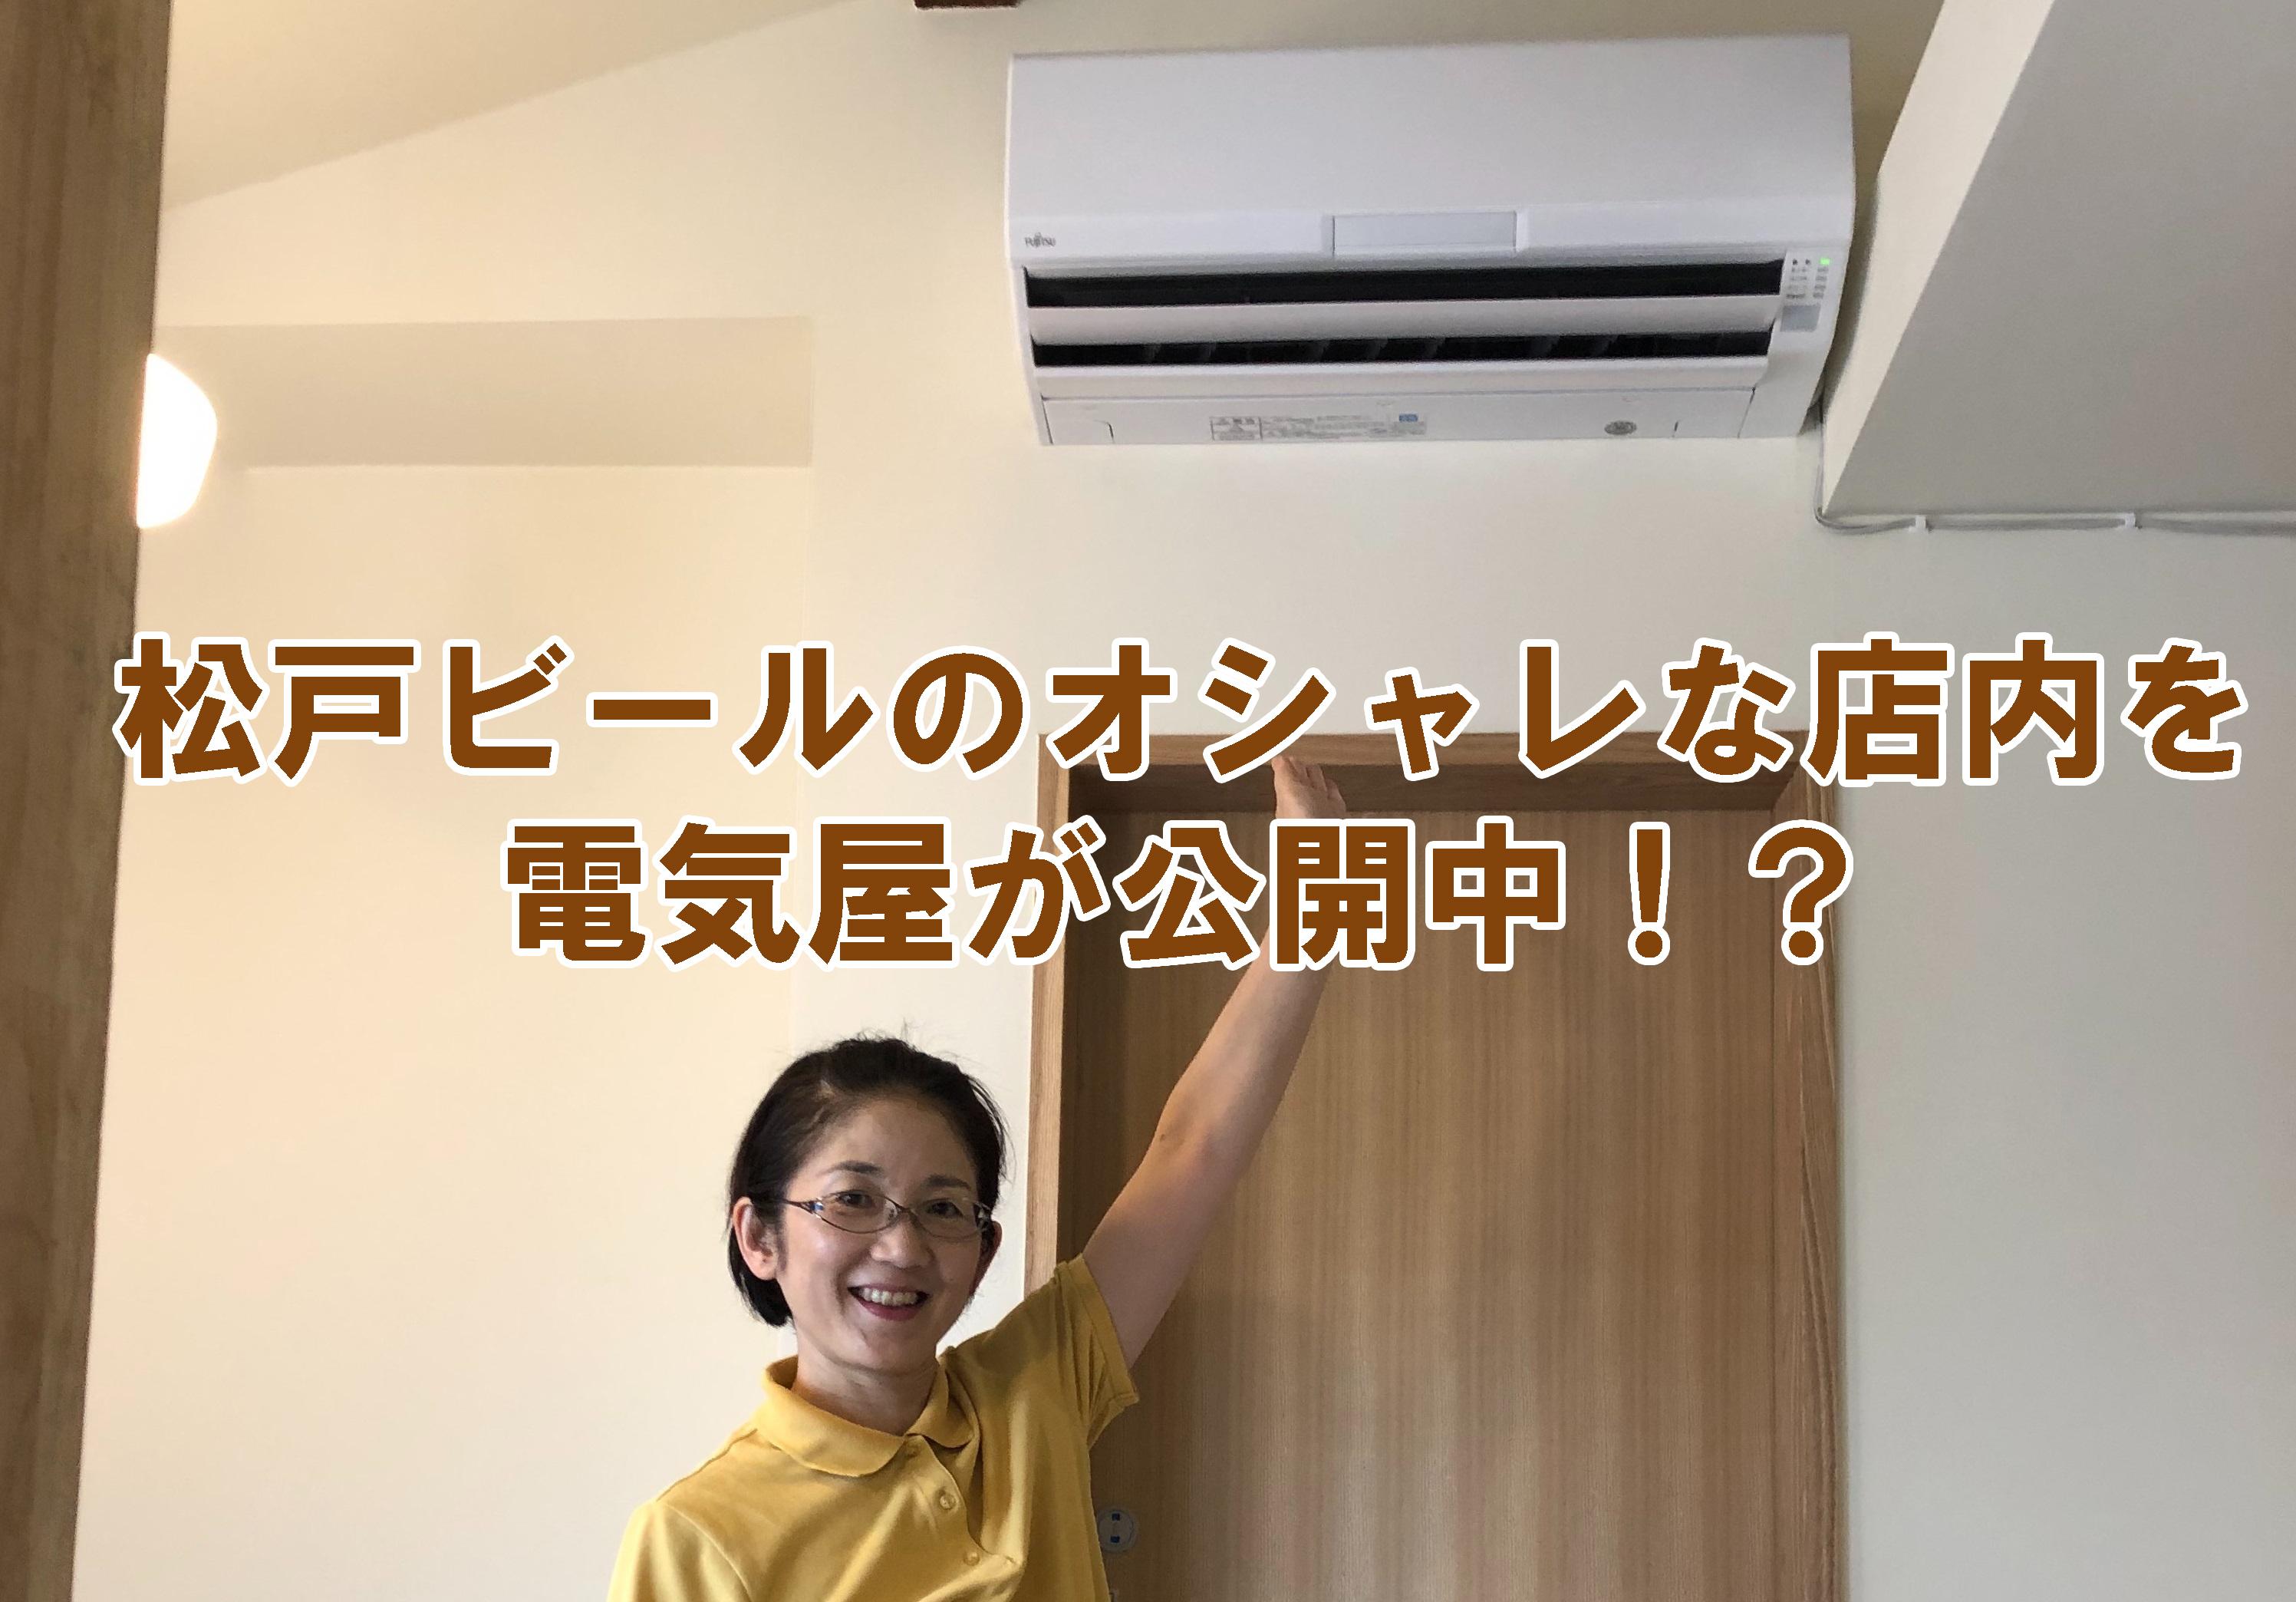 松戸ビール様にて空気がキレイなエアコンをお買い上げいただきました。